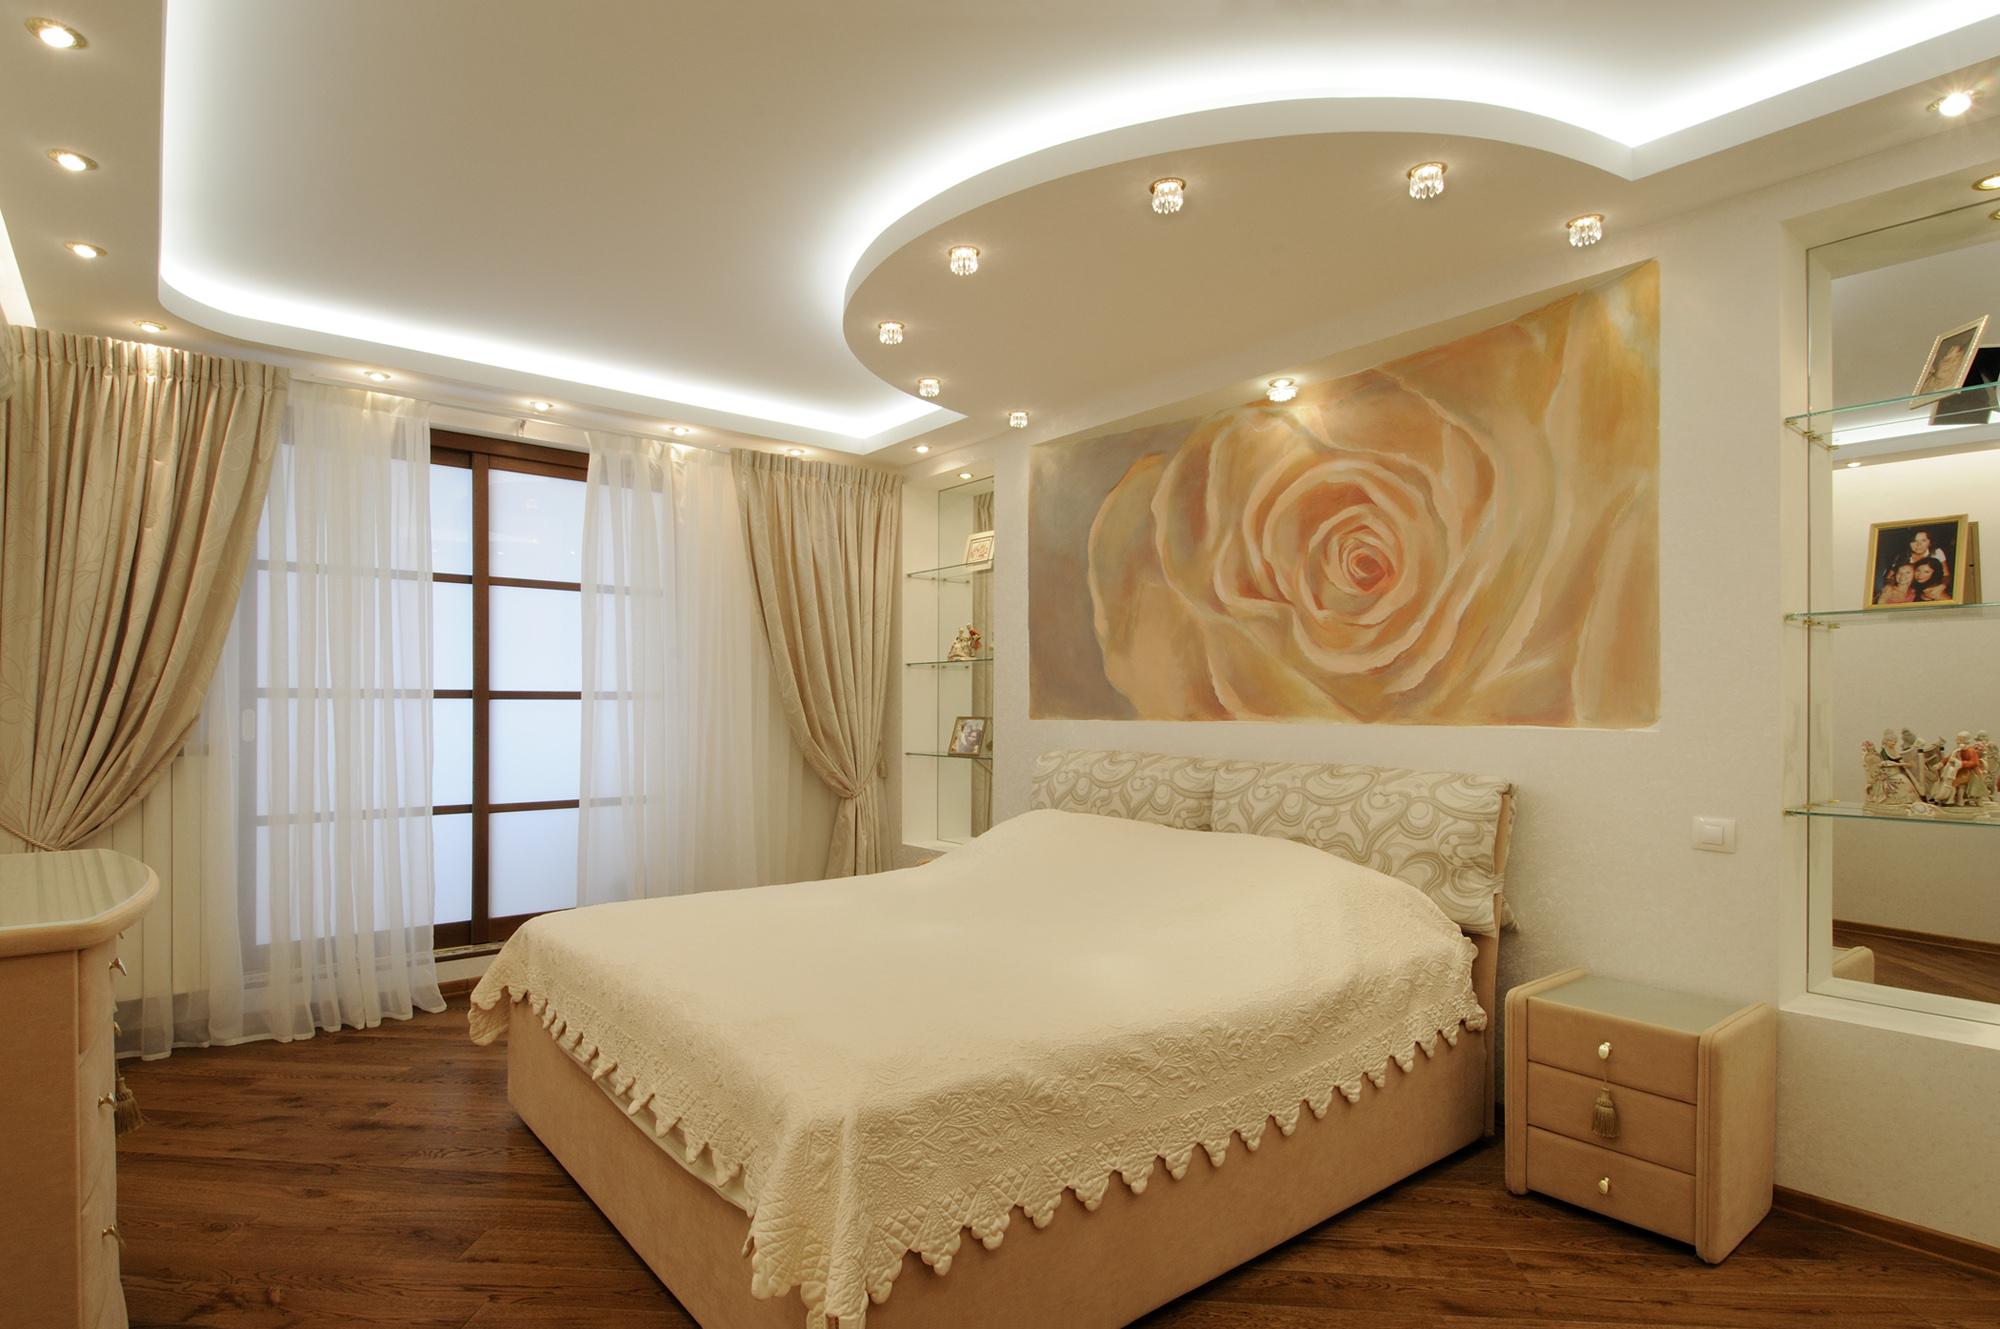 Потолок из гипсокартона с подсветкой и точечным освещением в спальне